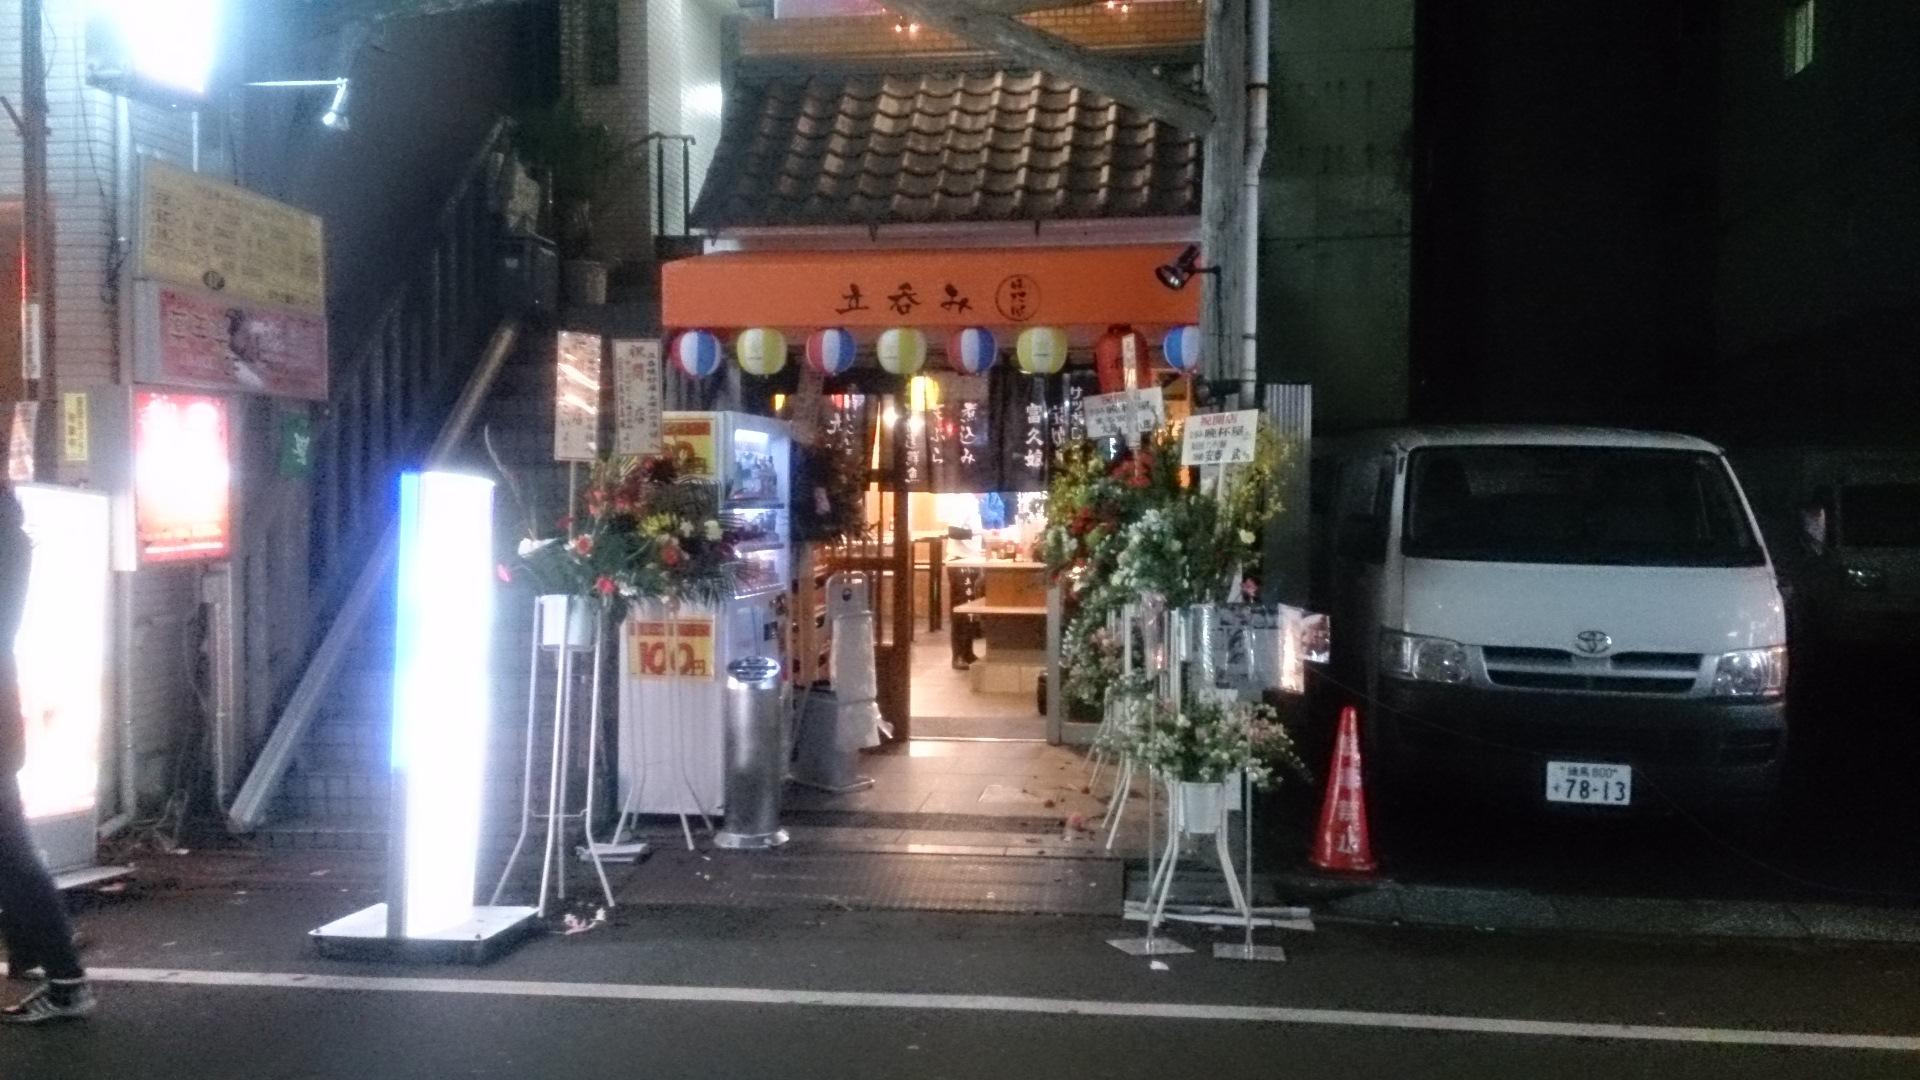 晩杯屋 大塚北口店